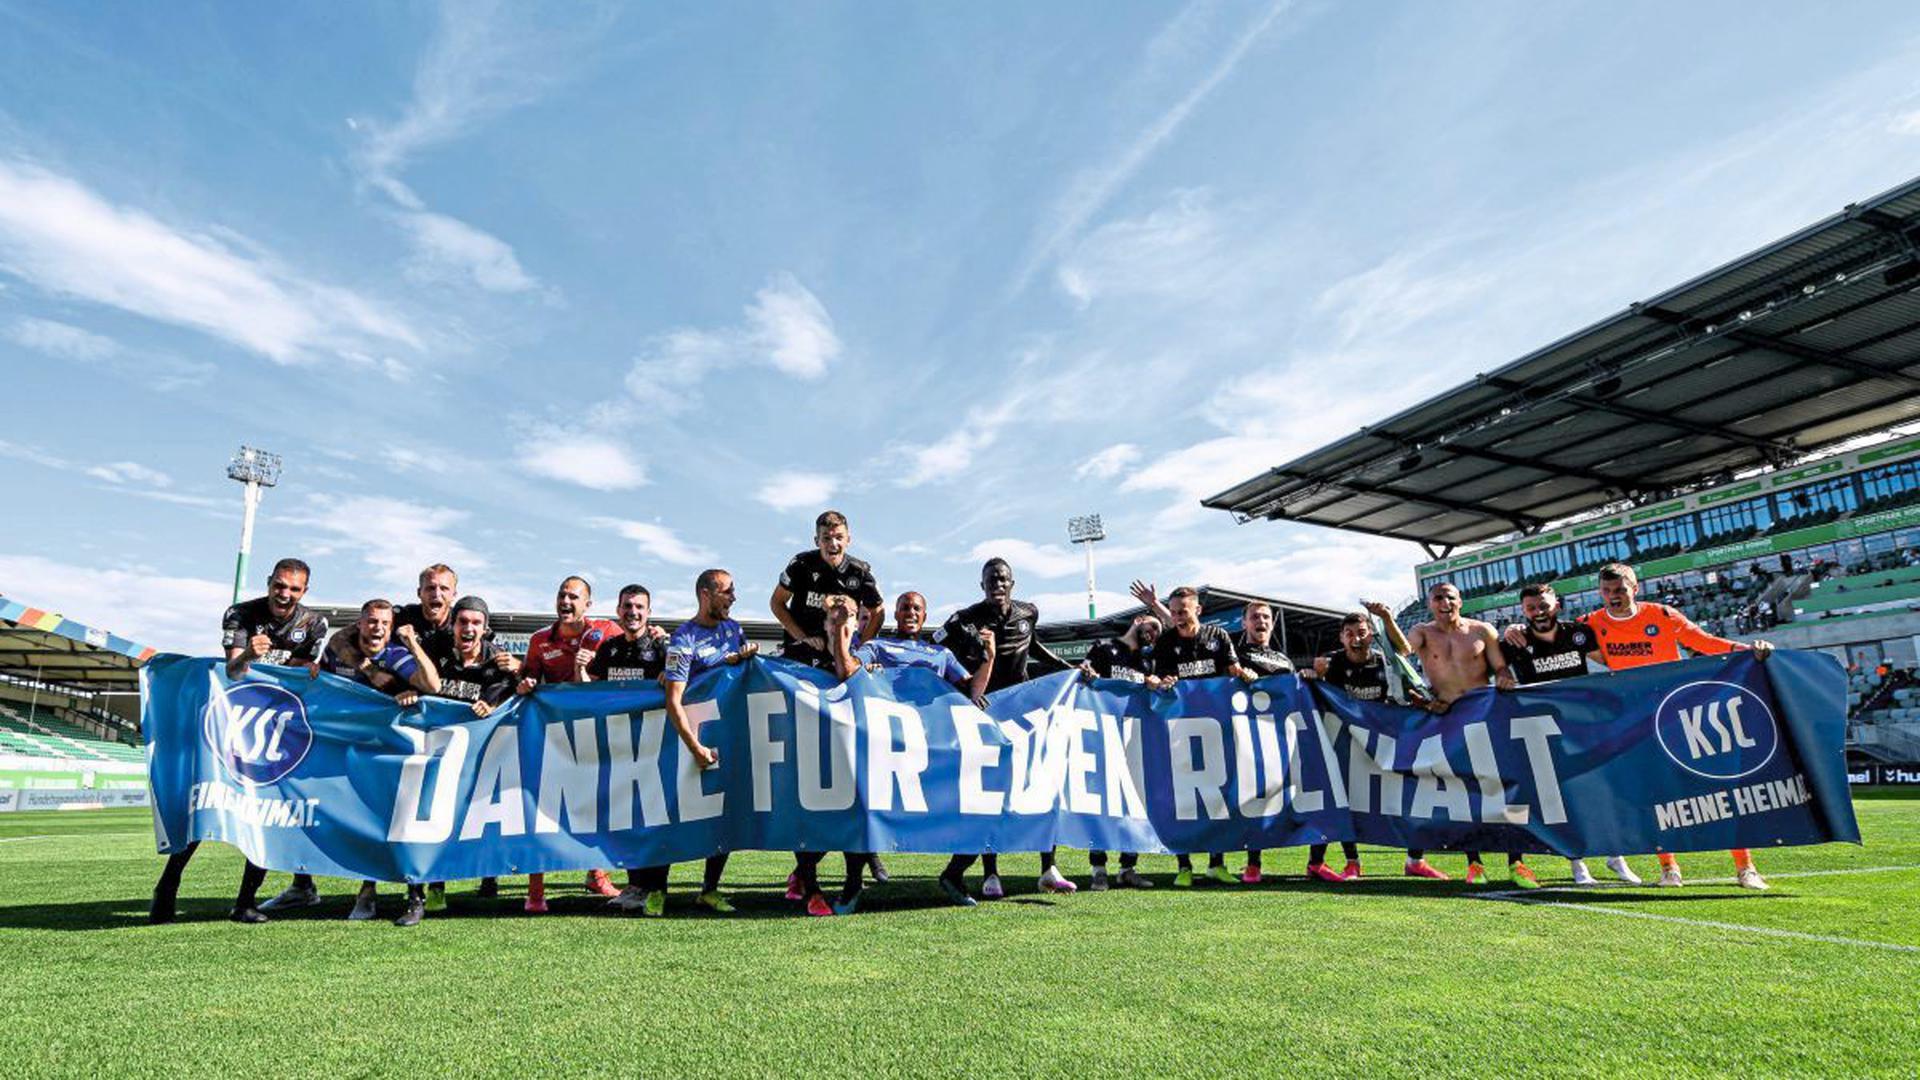 """""""Danke für euren Rückhalt"""": Der direkte Klassenerhalt ist geschafft, große Freude bei den Profis des KSC nach dem Sieg gegen Greuther Fürth."""